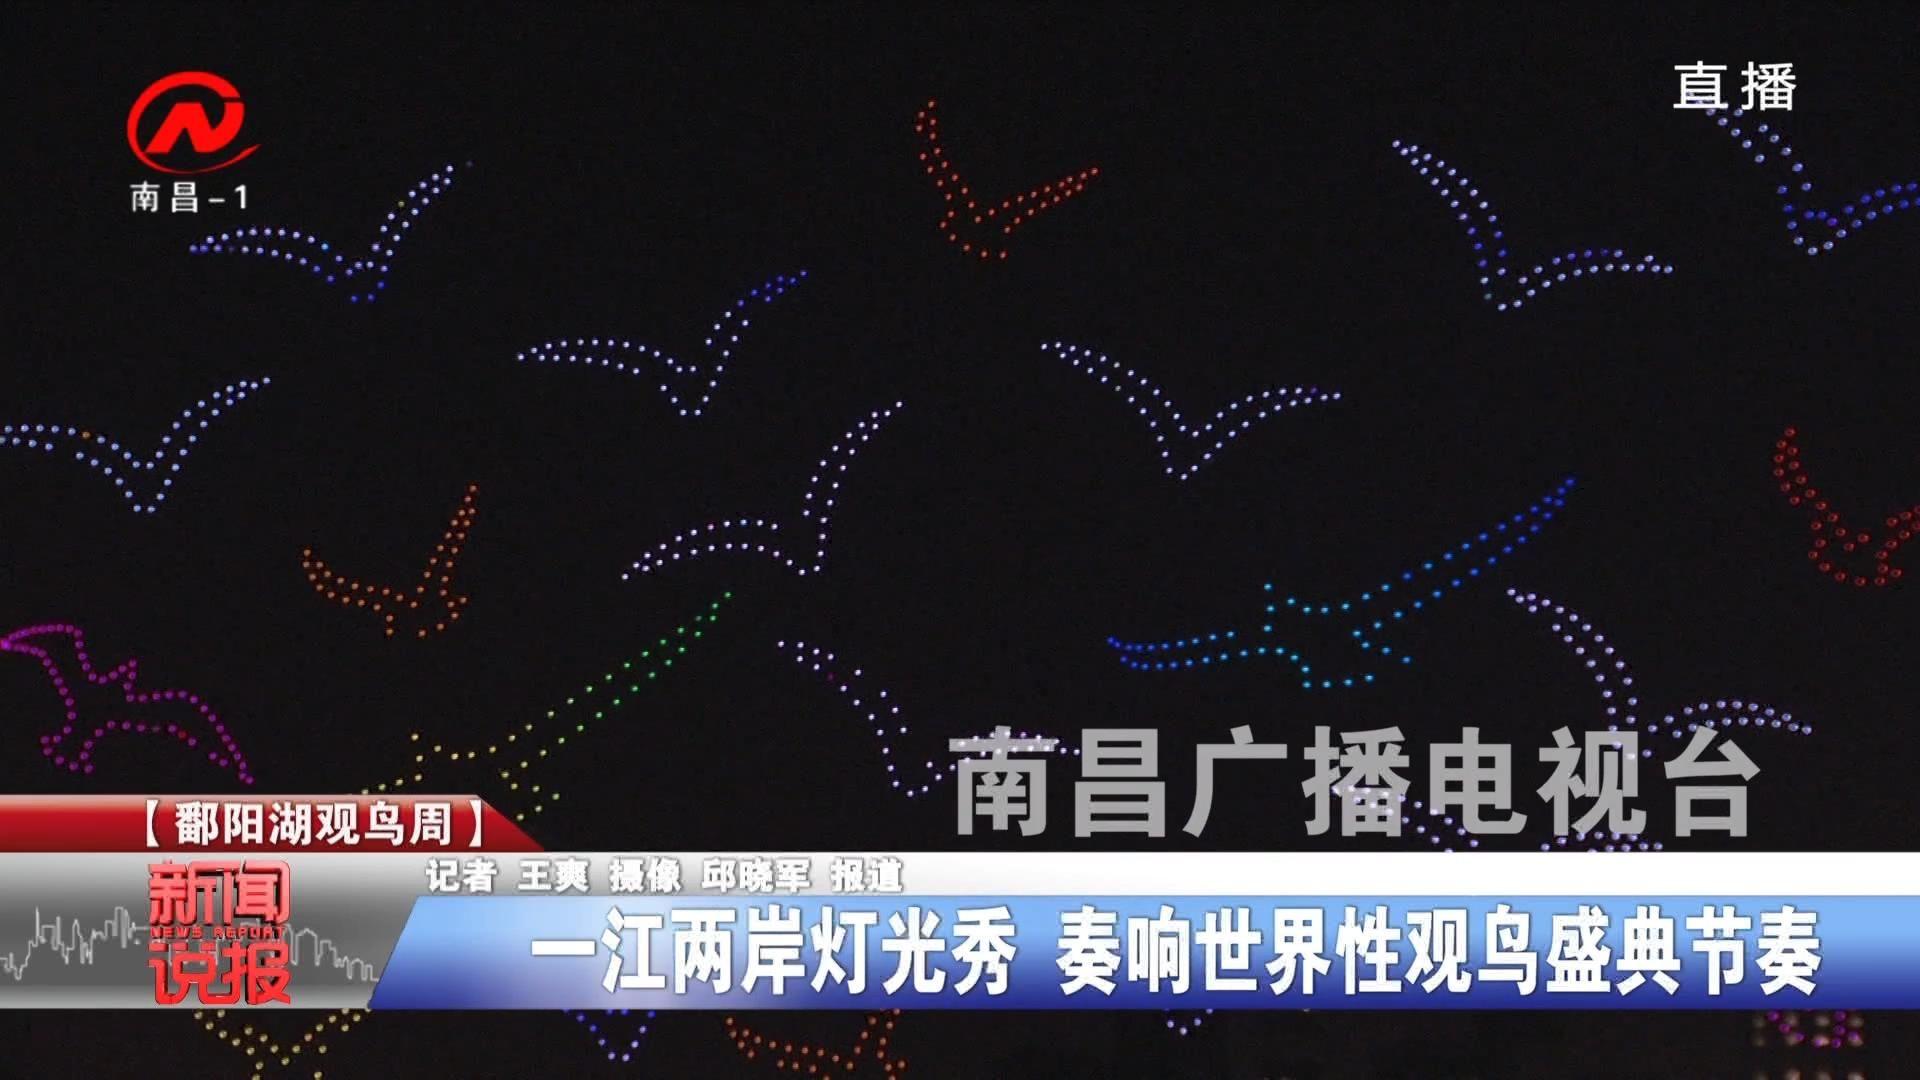 一江两岸灯光秀 奏响世界性观鸟盛典节奏